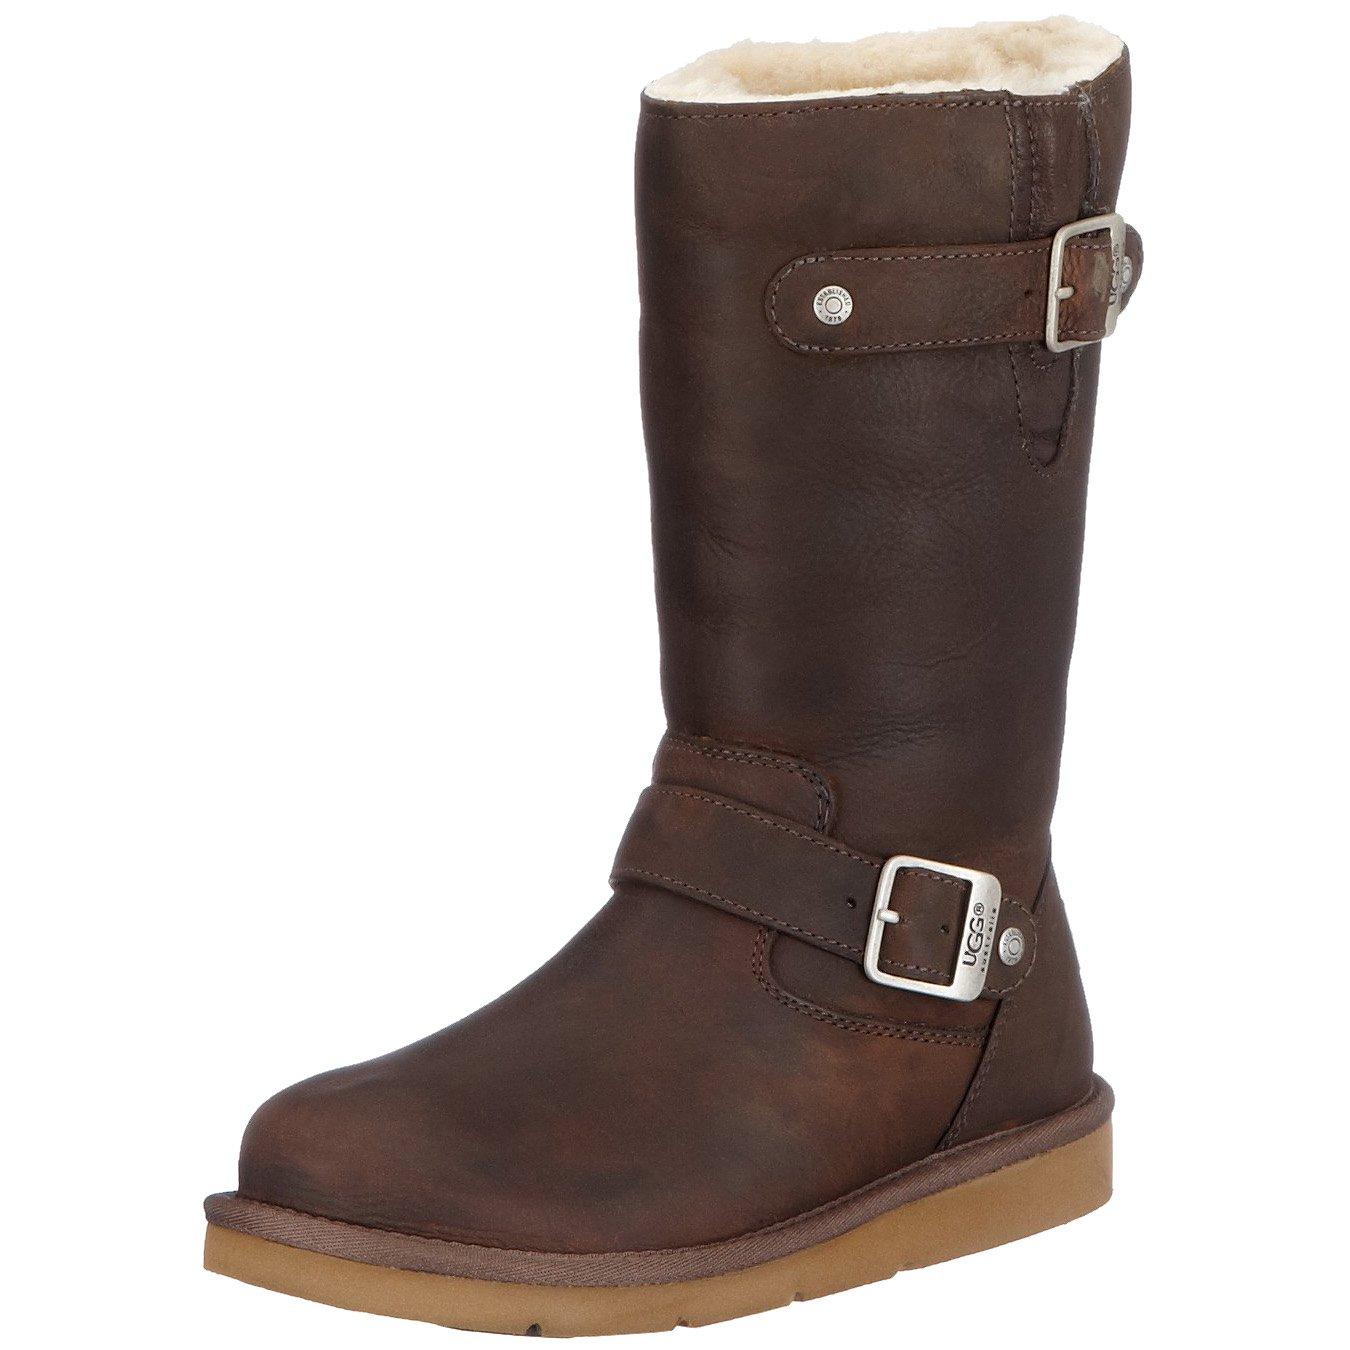 daedd38f567 UGG Australia Women's Kensington Boots Footwear